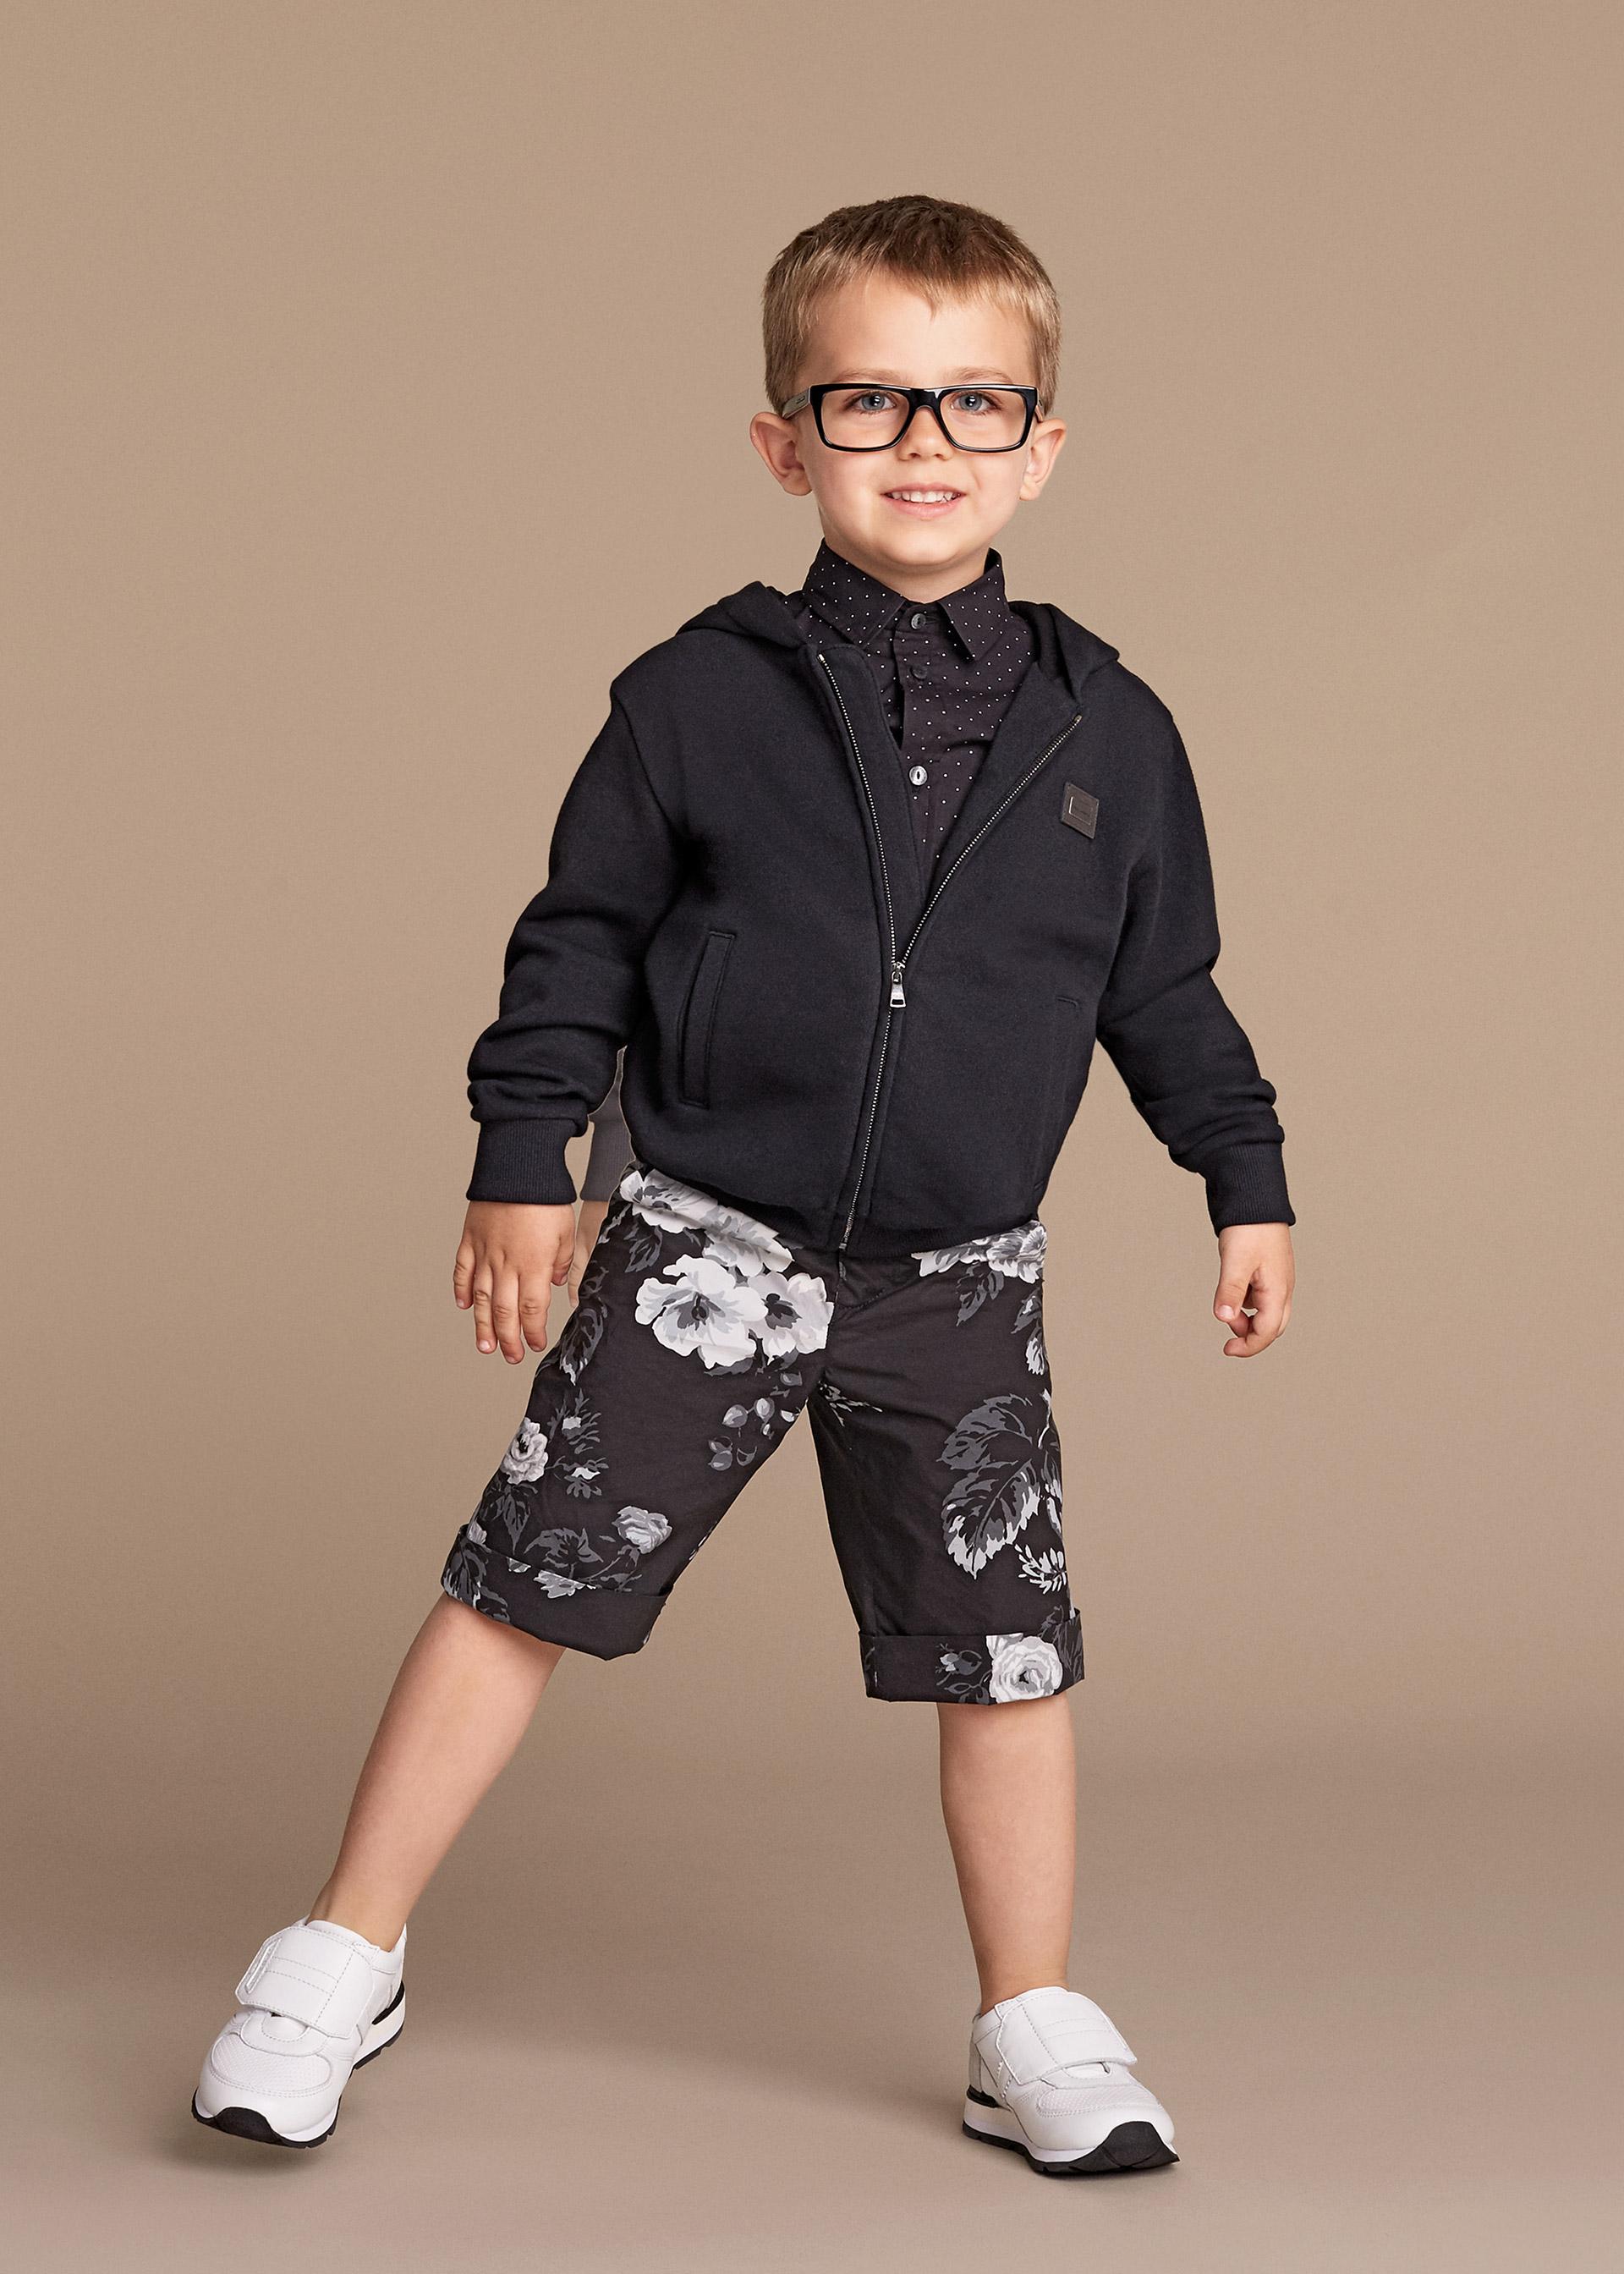 Новая коллекция для детей 2016 - курточка с шортами.